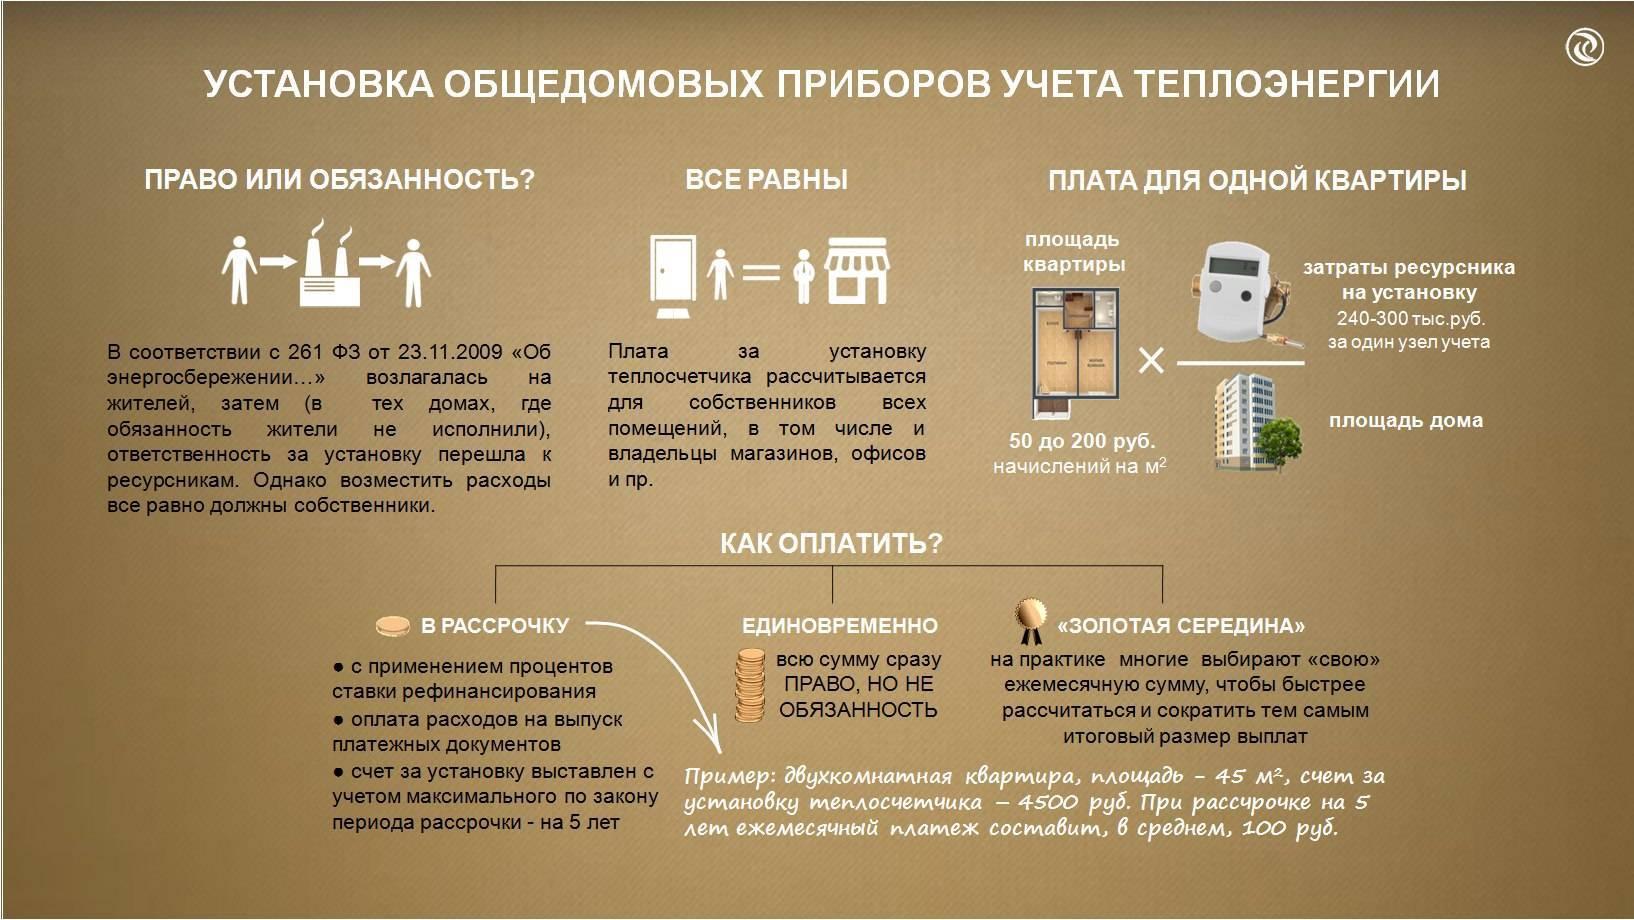 Правила установки общедомовых счетчиков тепла в многоквартирном доме